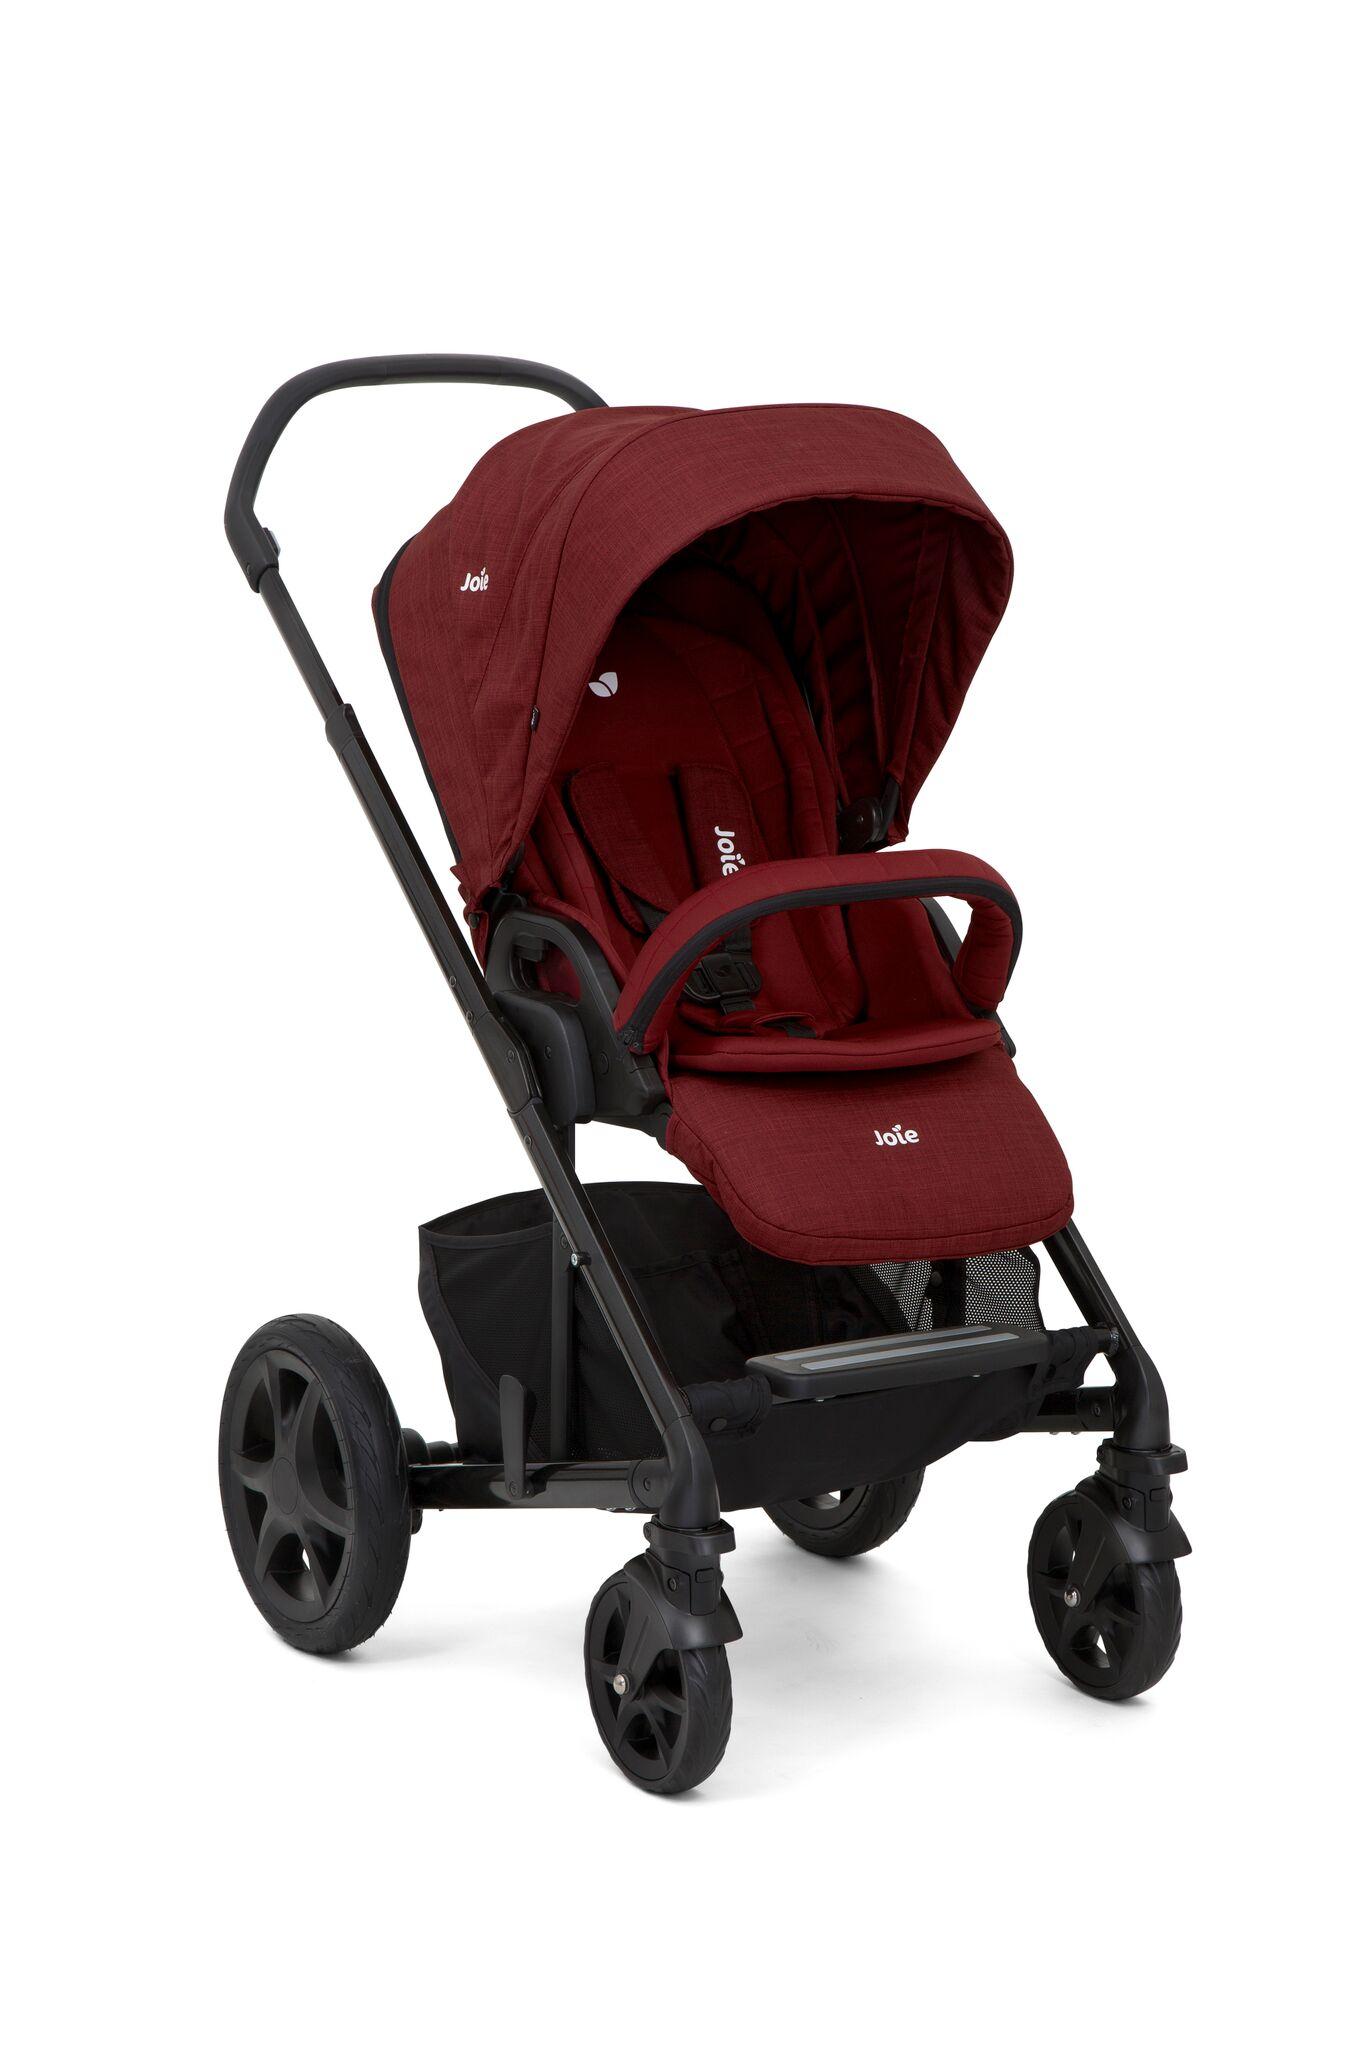 joie kinderwagen kinderwagen baby fachmarkt f r babyausstattung gmbh. Black Bedroom Furniture Sets. Home Design Ideas